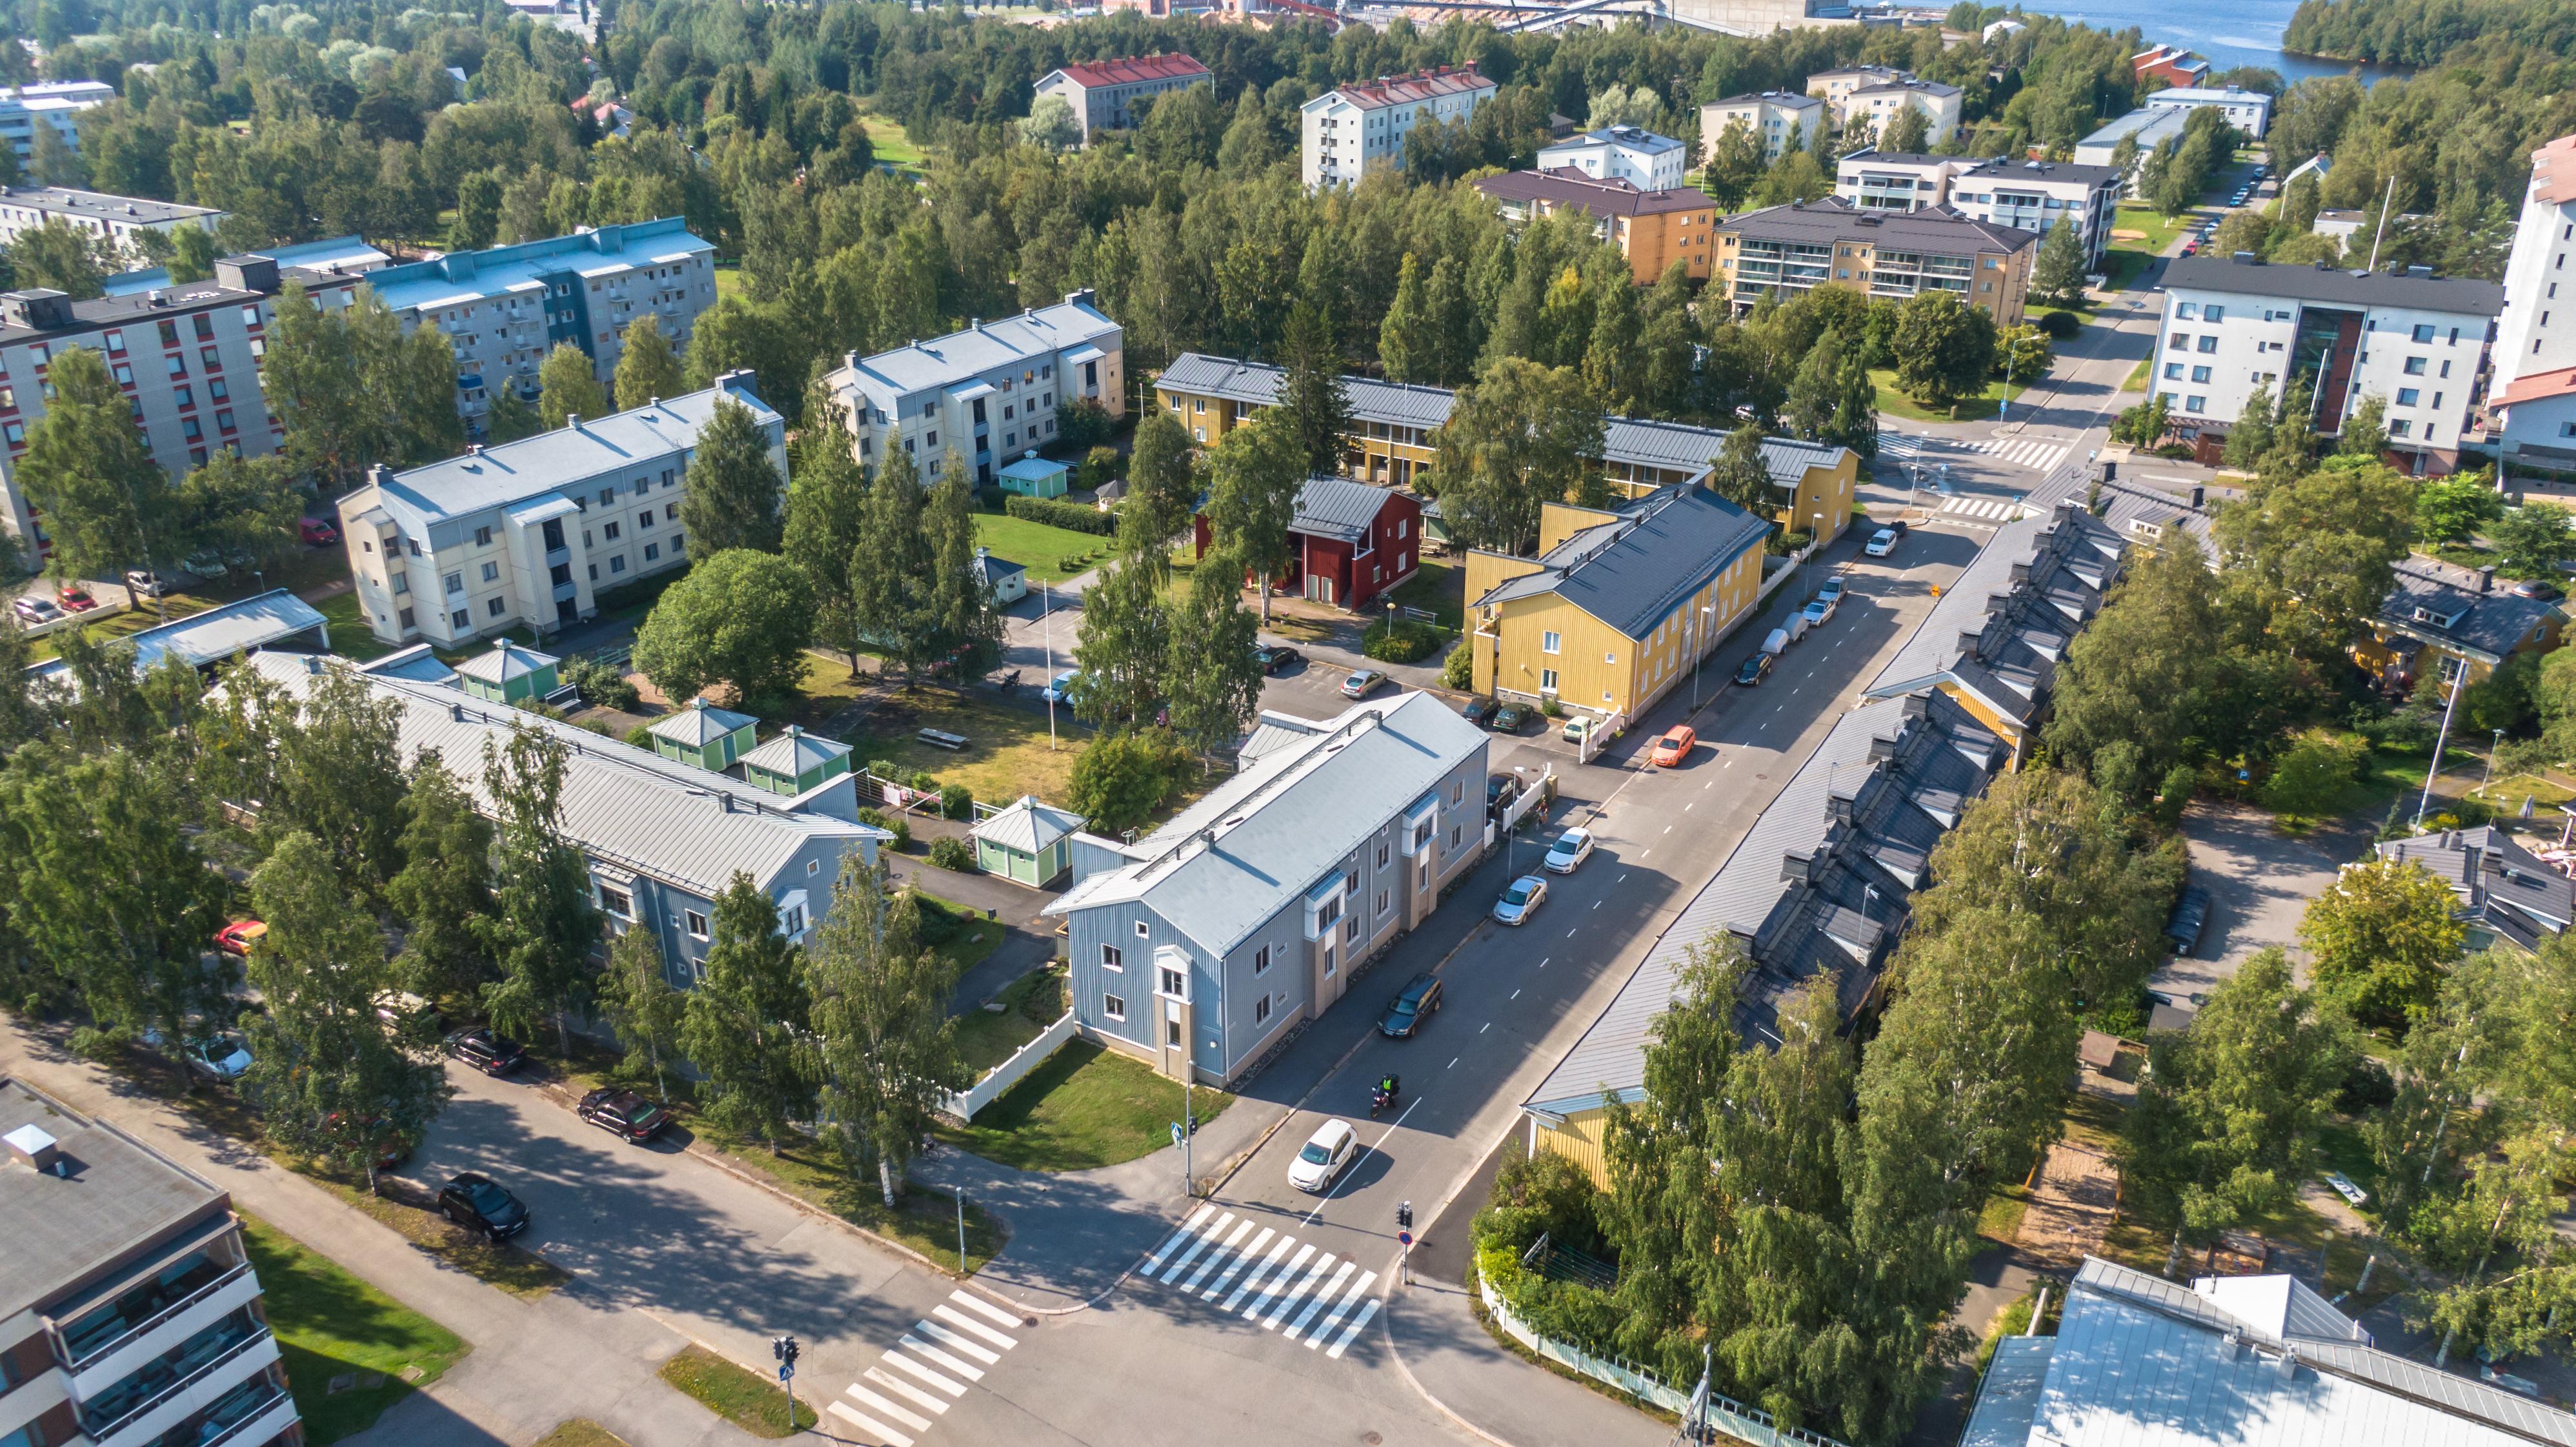 Puu- ja kerrostaloja puistomaisessa kaupunkikorttelissa: kesällä otettu ilmakuva Oulun Heinäpäässä.